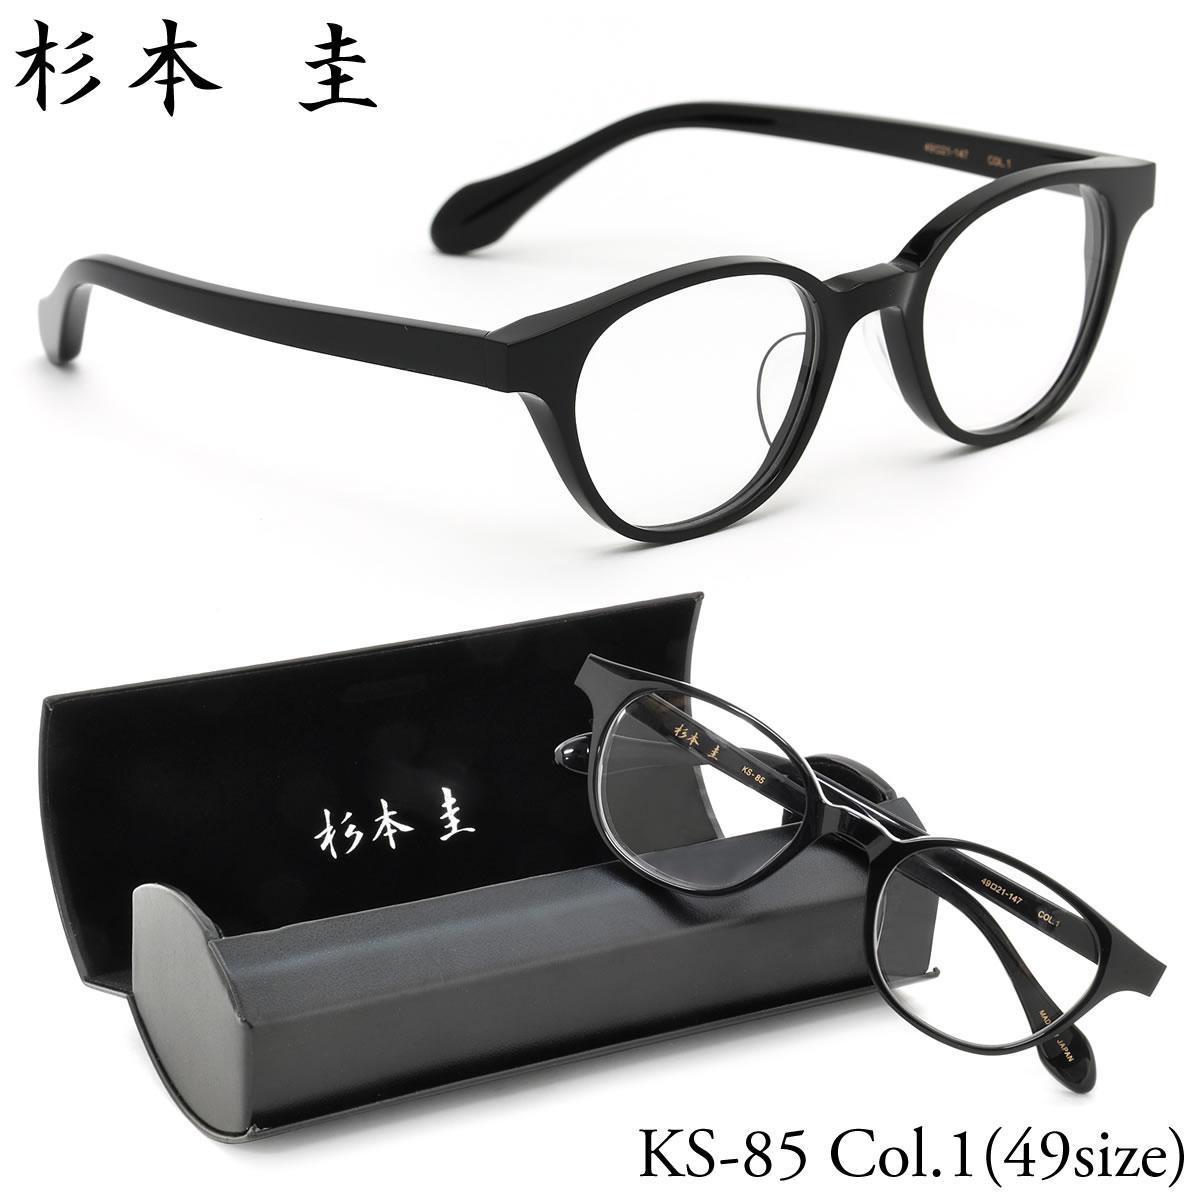 ほぼ全品ポイント15倍~最大43倍+3倍!お得なクーポンも! 【杉本圭】(スギモトケイ) メガネ フレーム KS-85 1 49サイズ ボストン 日本製 スギモトケイ 杉本圭 SUGIMOTO KEI メンズ レディース